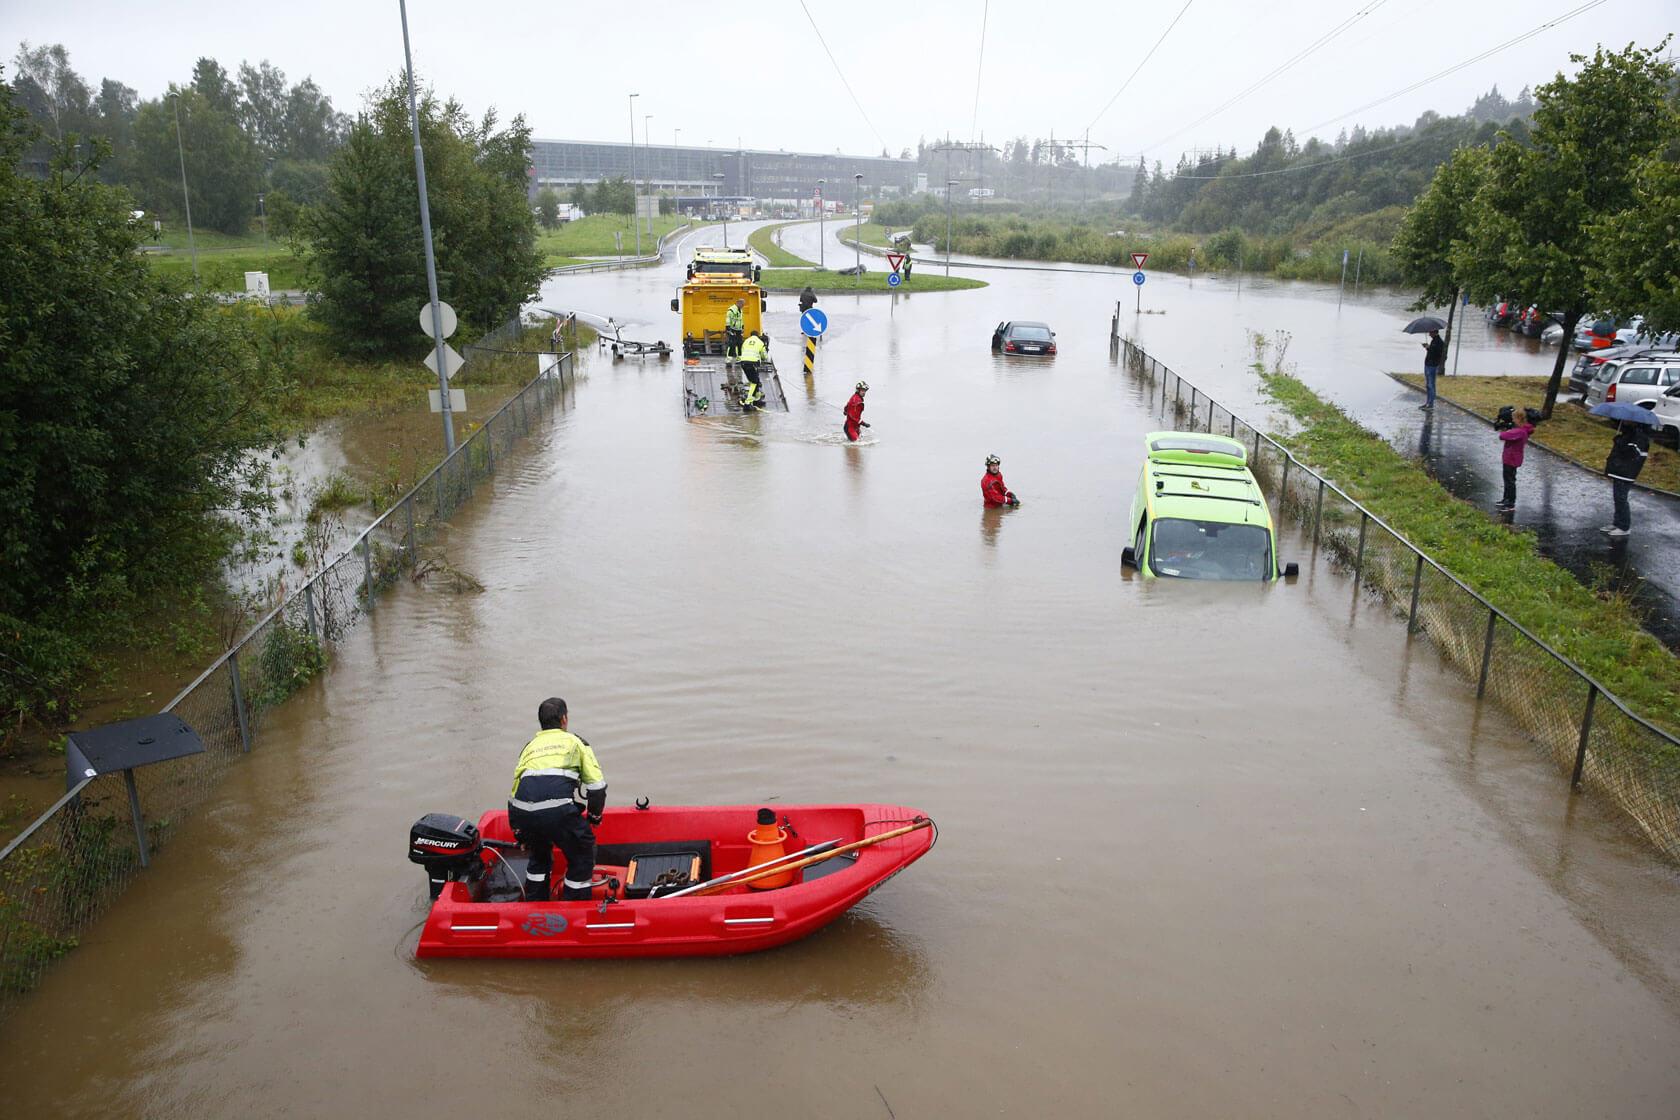 En rekke biler havnet under vann på parkeringsplassen til Lørenskog stasjon i 2015. Et kraftig regnfall ga store mengder overvann mange steder. Foto: Håkon Mosvold Larsen / NTB